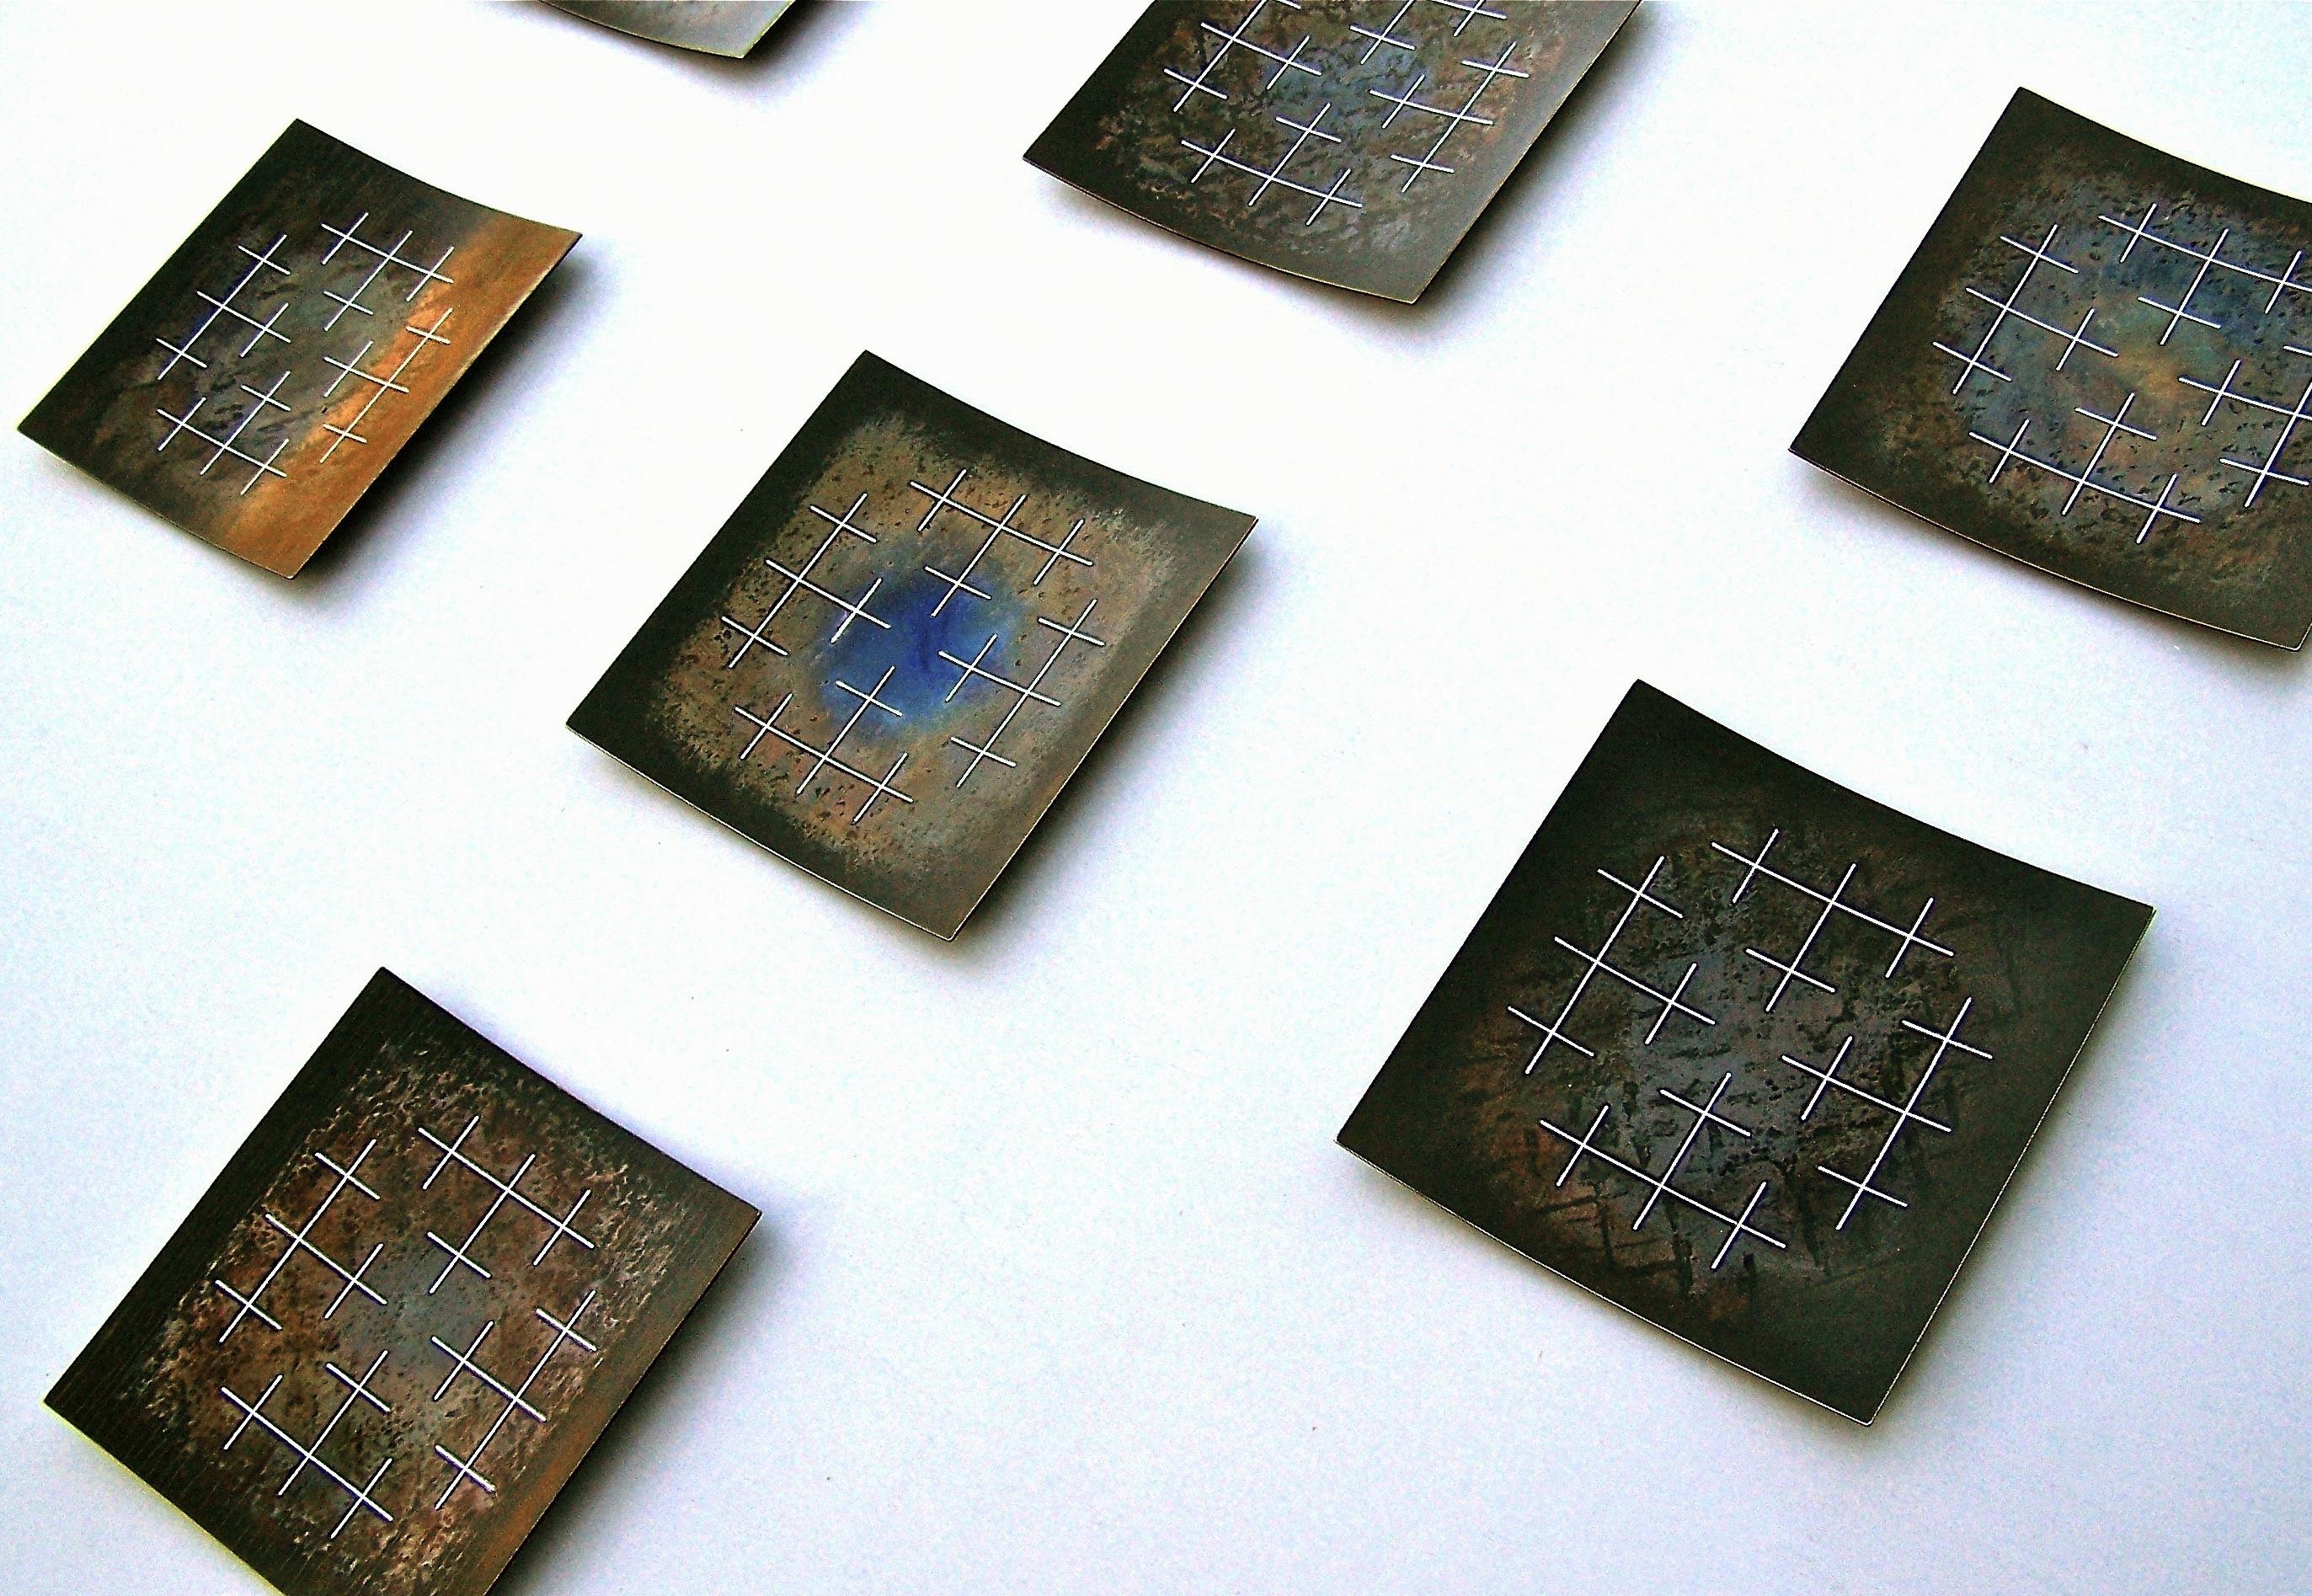 Rekonstruksjonar bilde 3, 2012, 98 x 176 x 2 cm, oljebrent og anløpt stål med innlagt sølvtråd